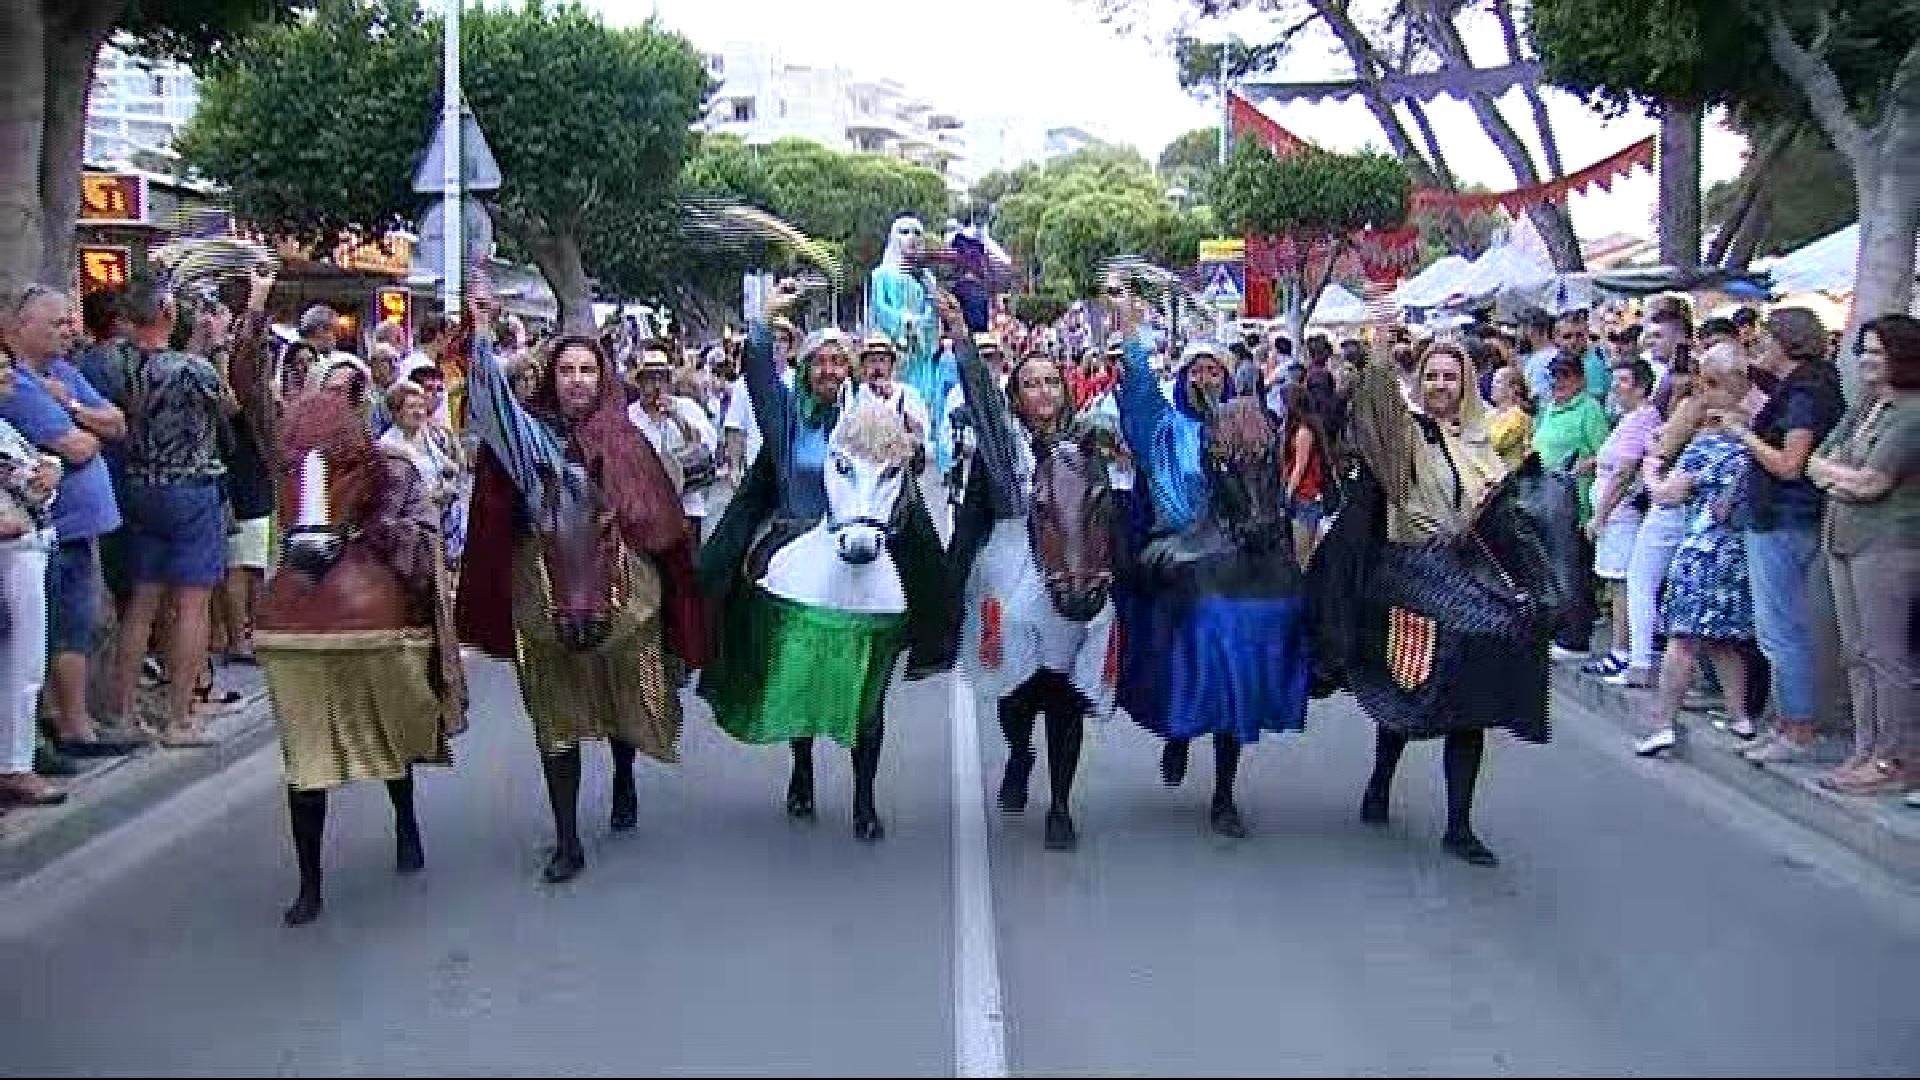 Les+festes+del+Rei+En+Jaume+commemoren+els+790+anys+de+la+Conquesta+de+Mallorca